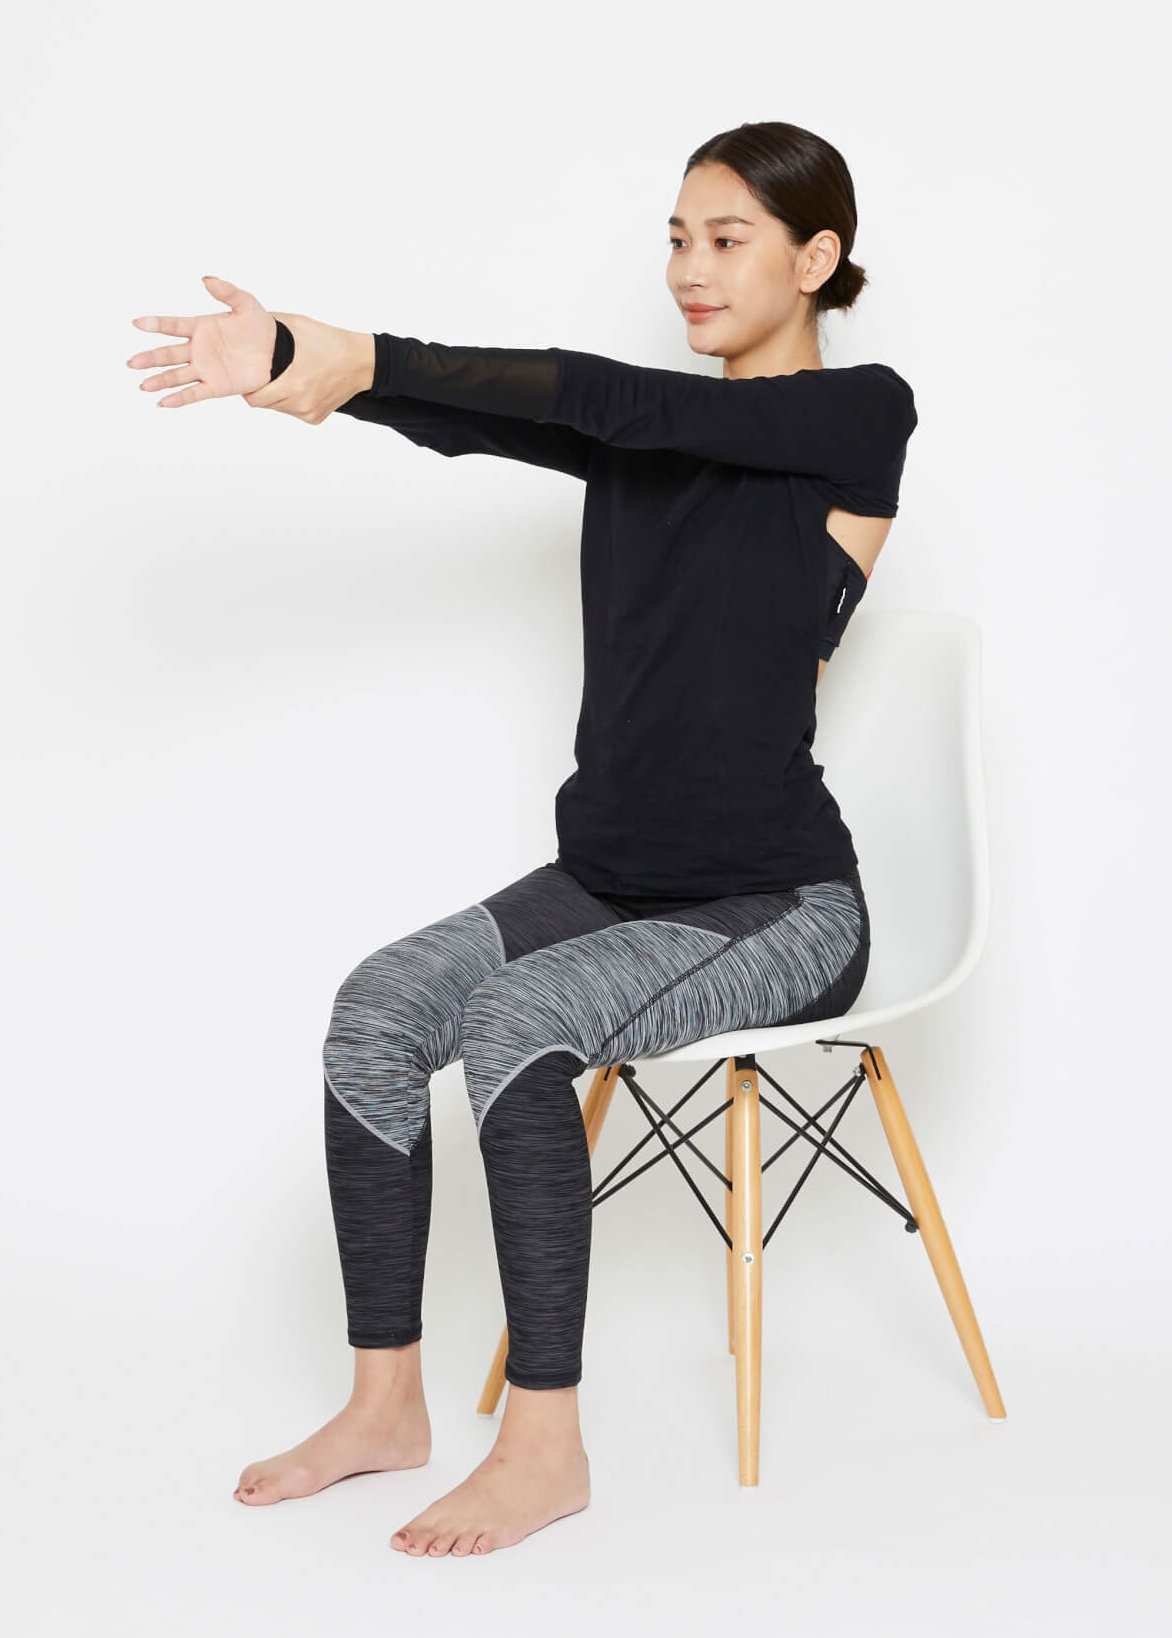 「1.イスに座り片方の手を伸ばします。もう片方の手で、伸ばした手の手首を掴みます。」を説明する画像